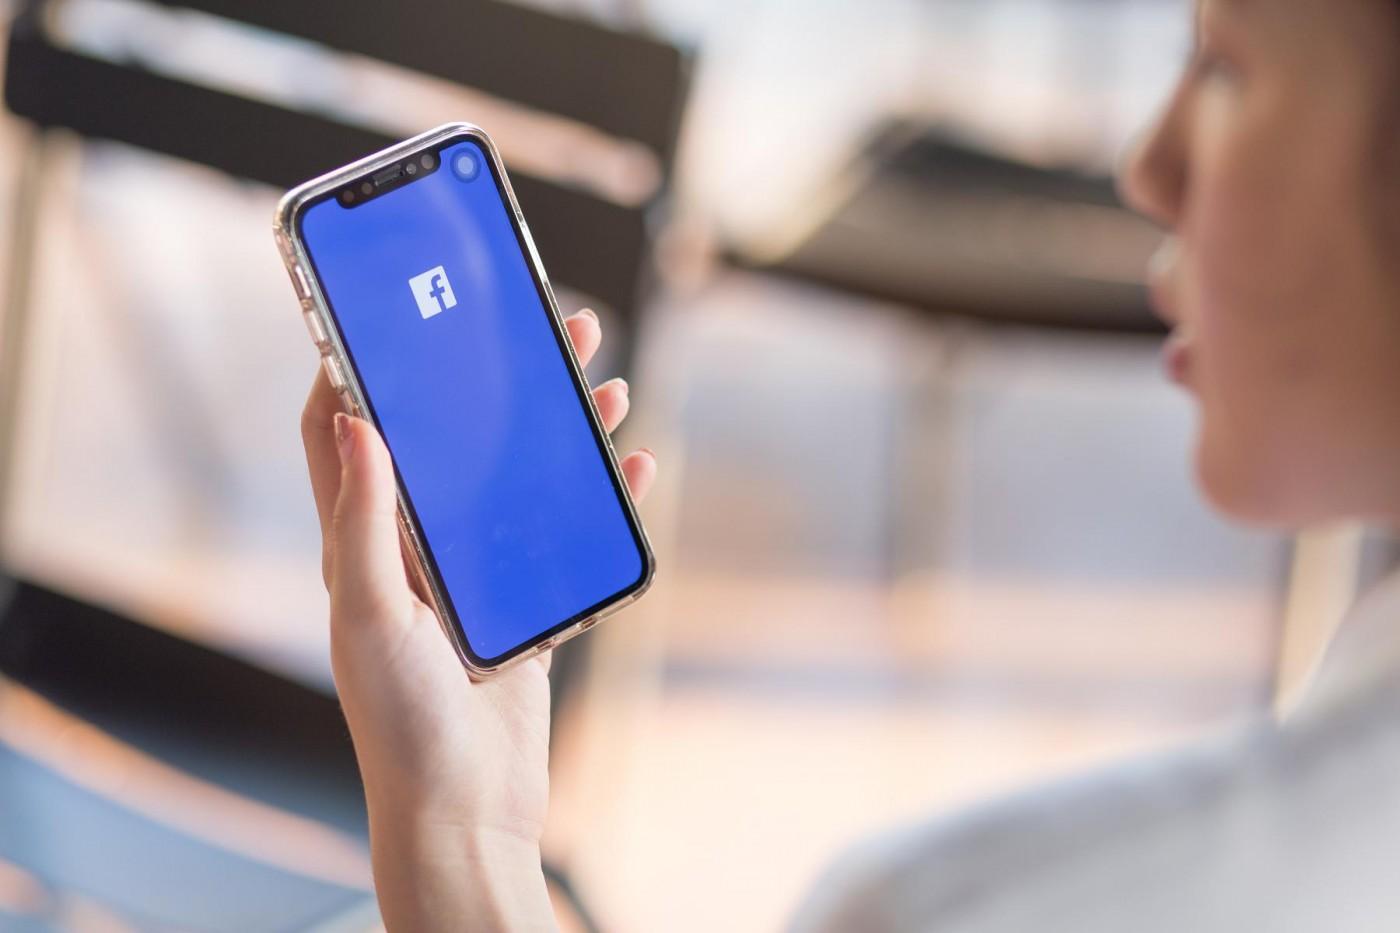 調查顯示:7成美國用戶不知道Facebook列了一張自己的喜好清單